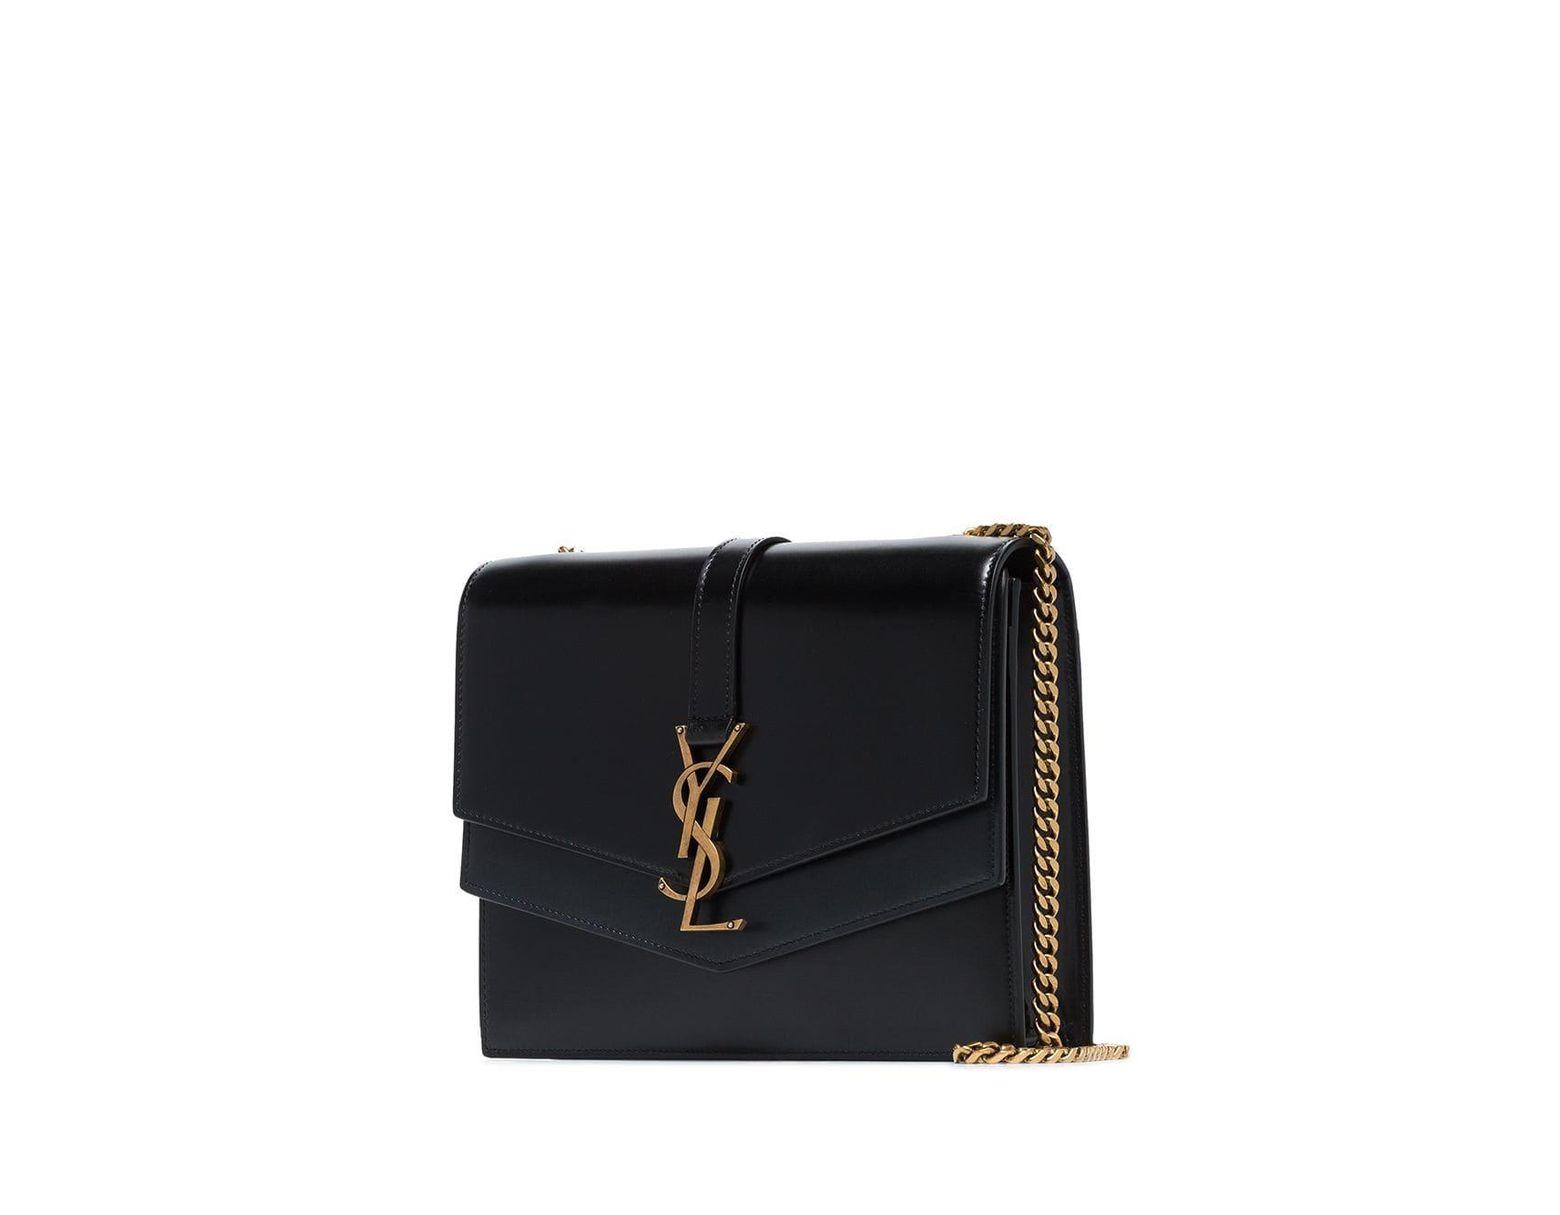 de629ef6e4e Saint Laurent Black Montaigne Leather Shoulder Bag in Black - Lyst